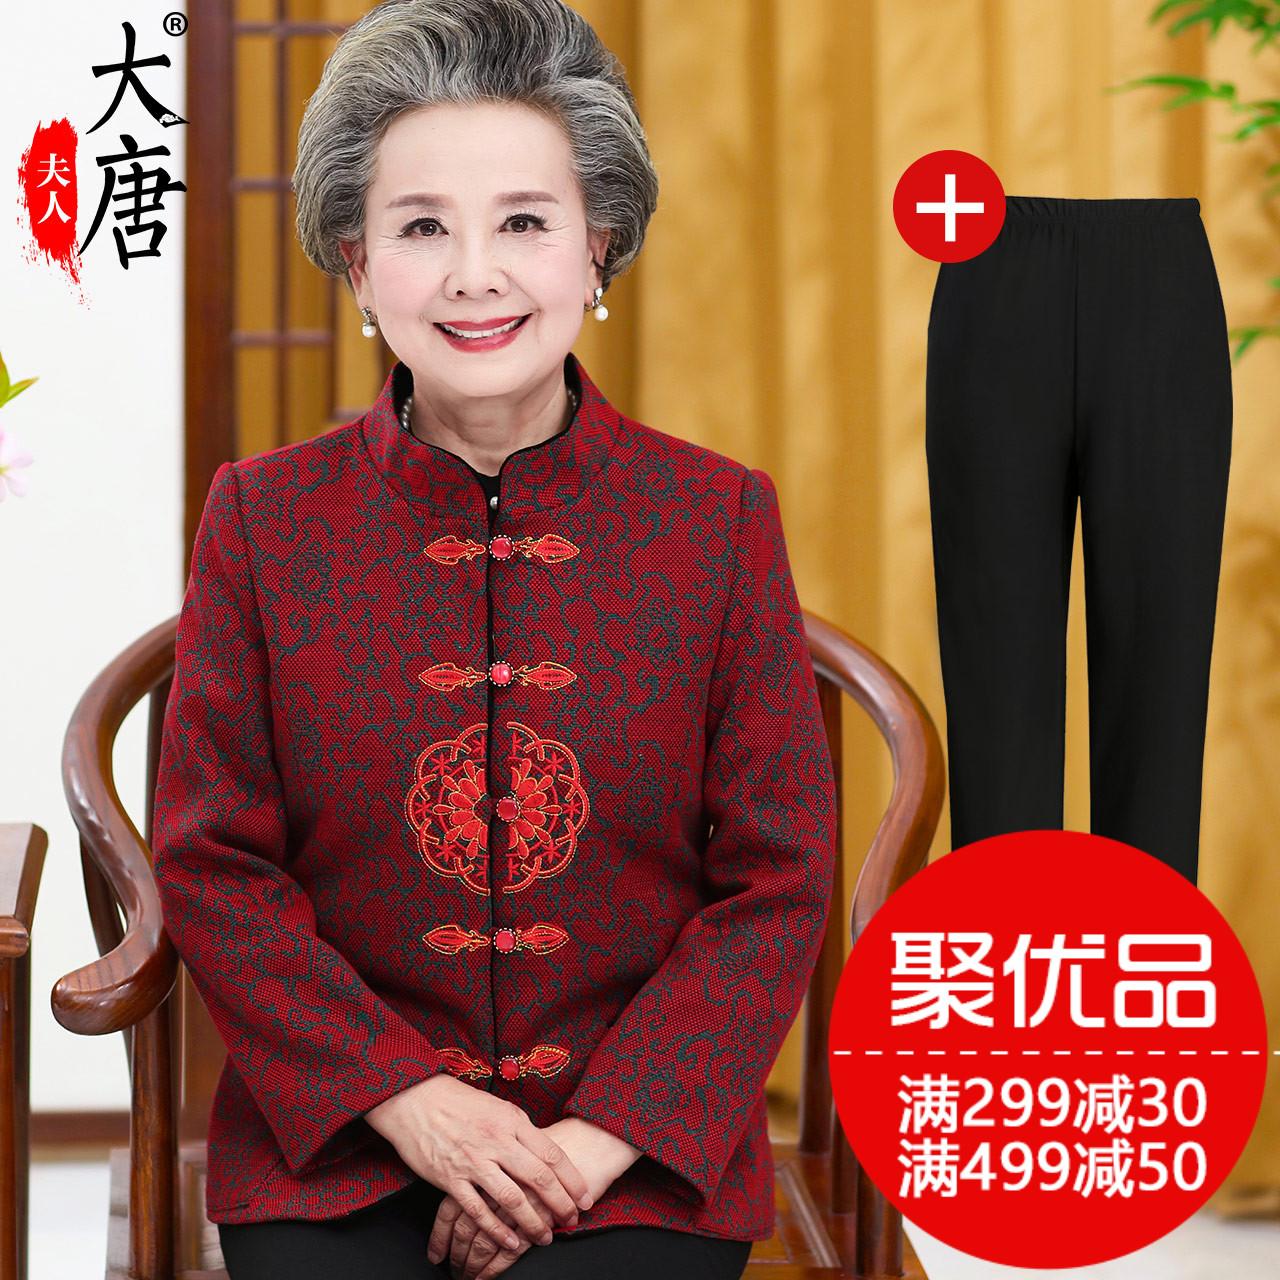 中老年人秋装女装外套60岁奶奶装老人衣服妈妈套装秋季春秋70唐装